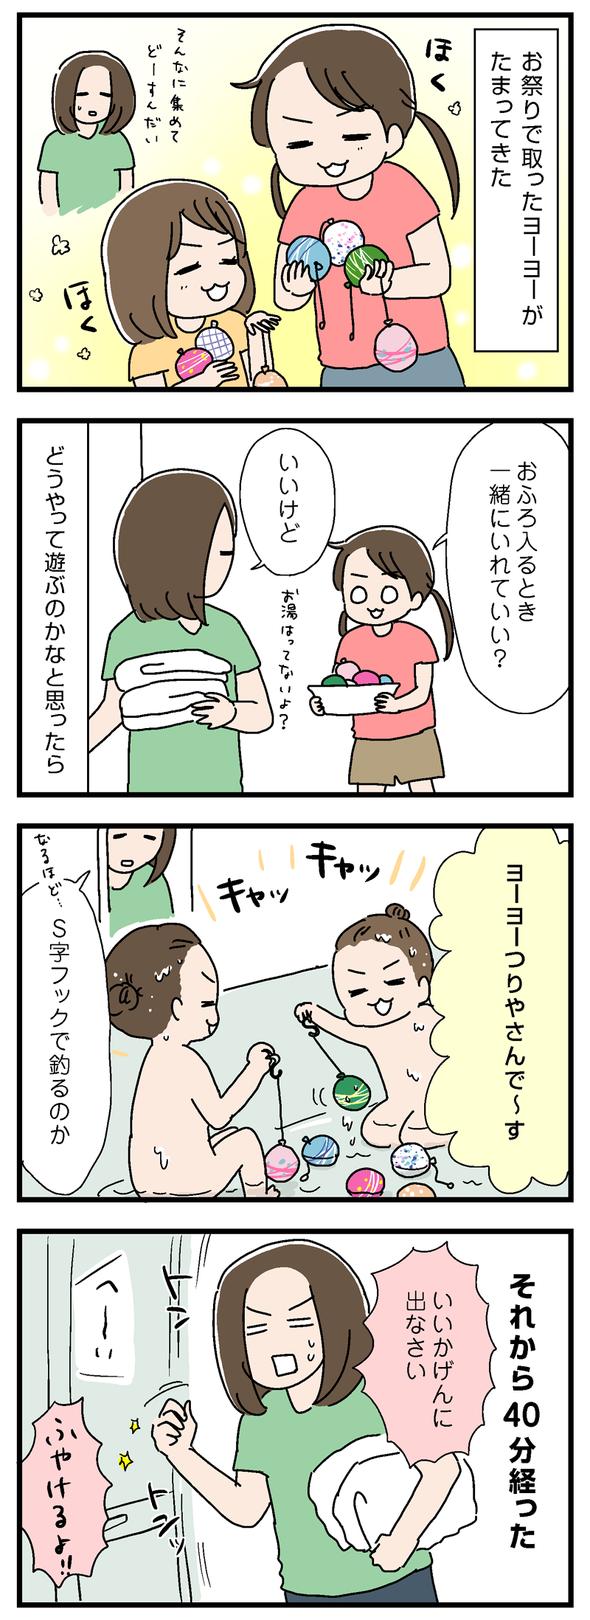 icchomae842